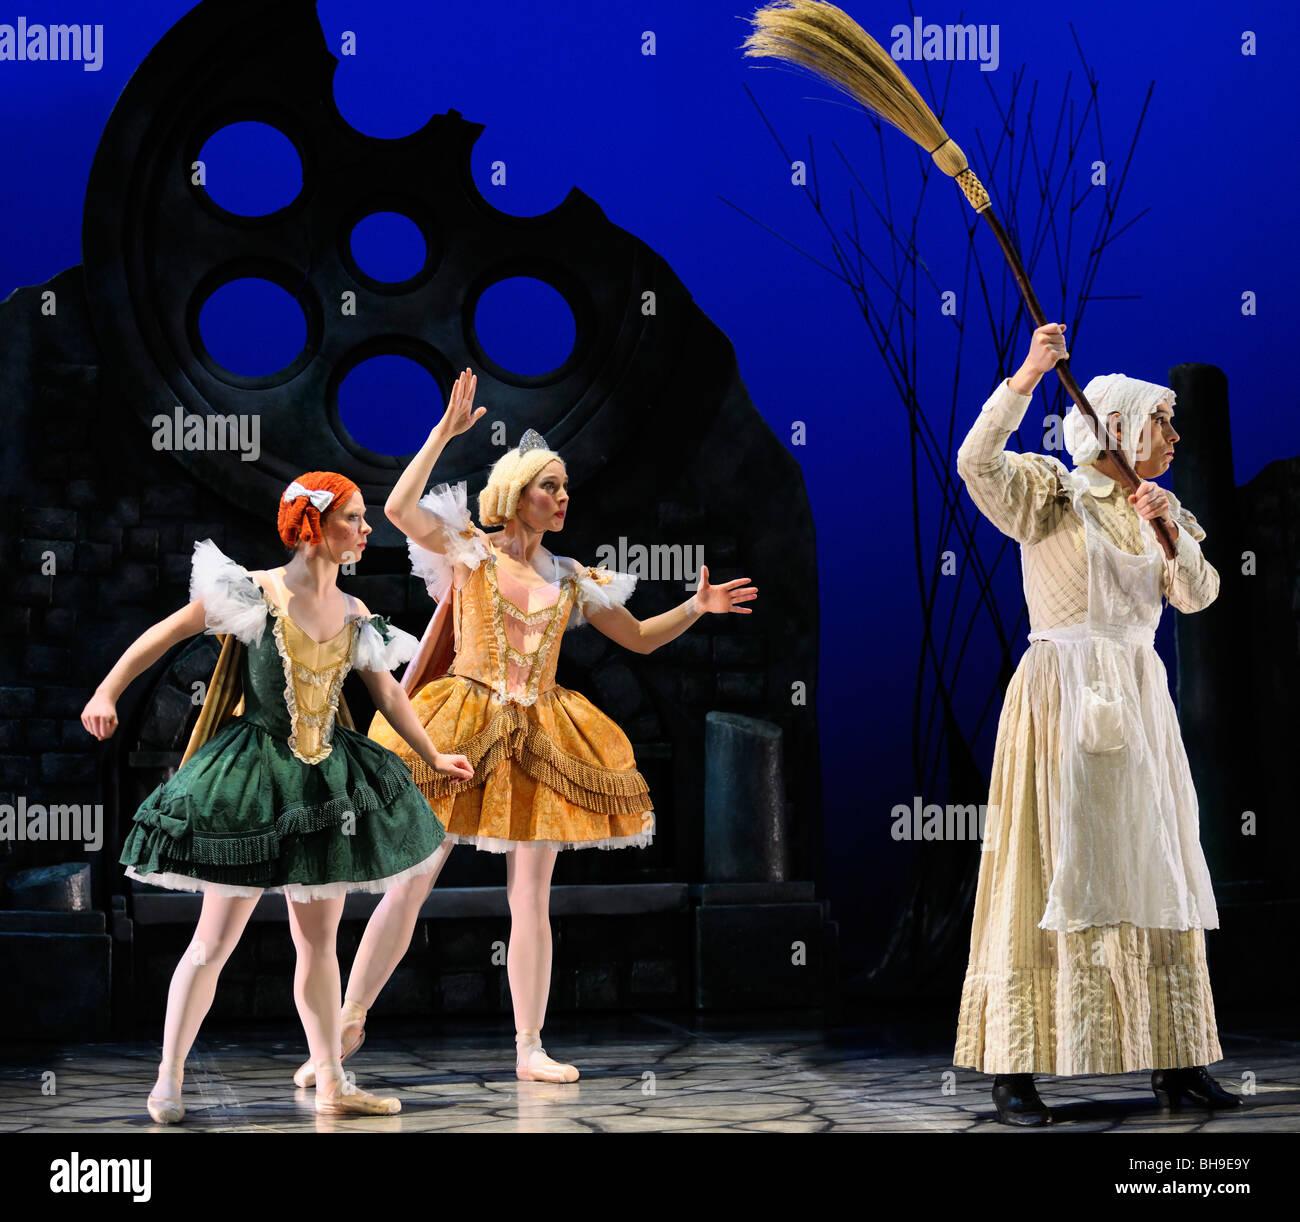 La madrastra con escoba y hermanastras congelados por hada madrina en ballet jorgen producción de cenicienta Imagen De Stock